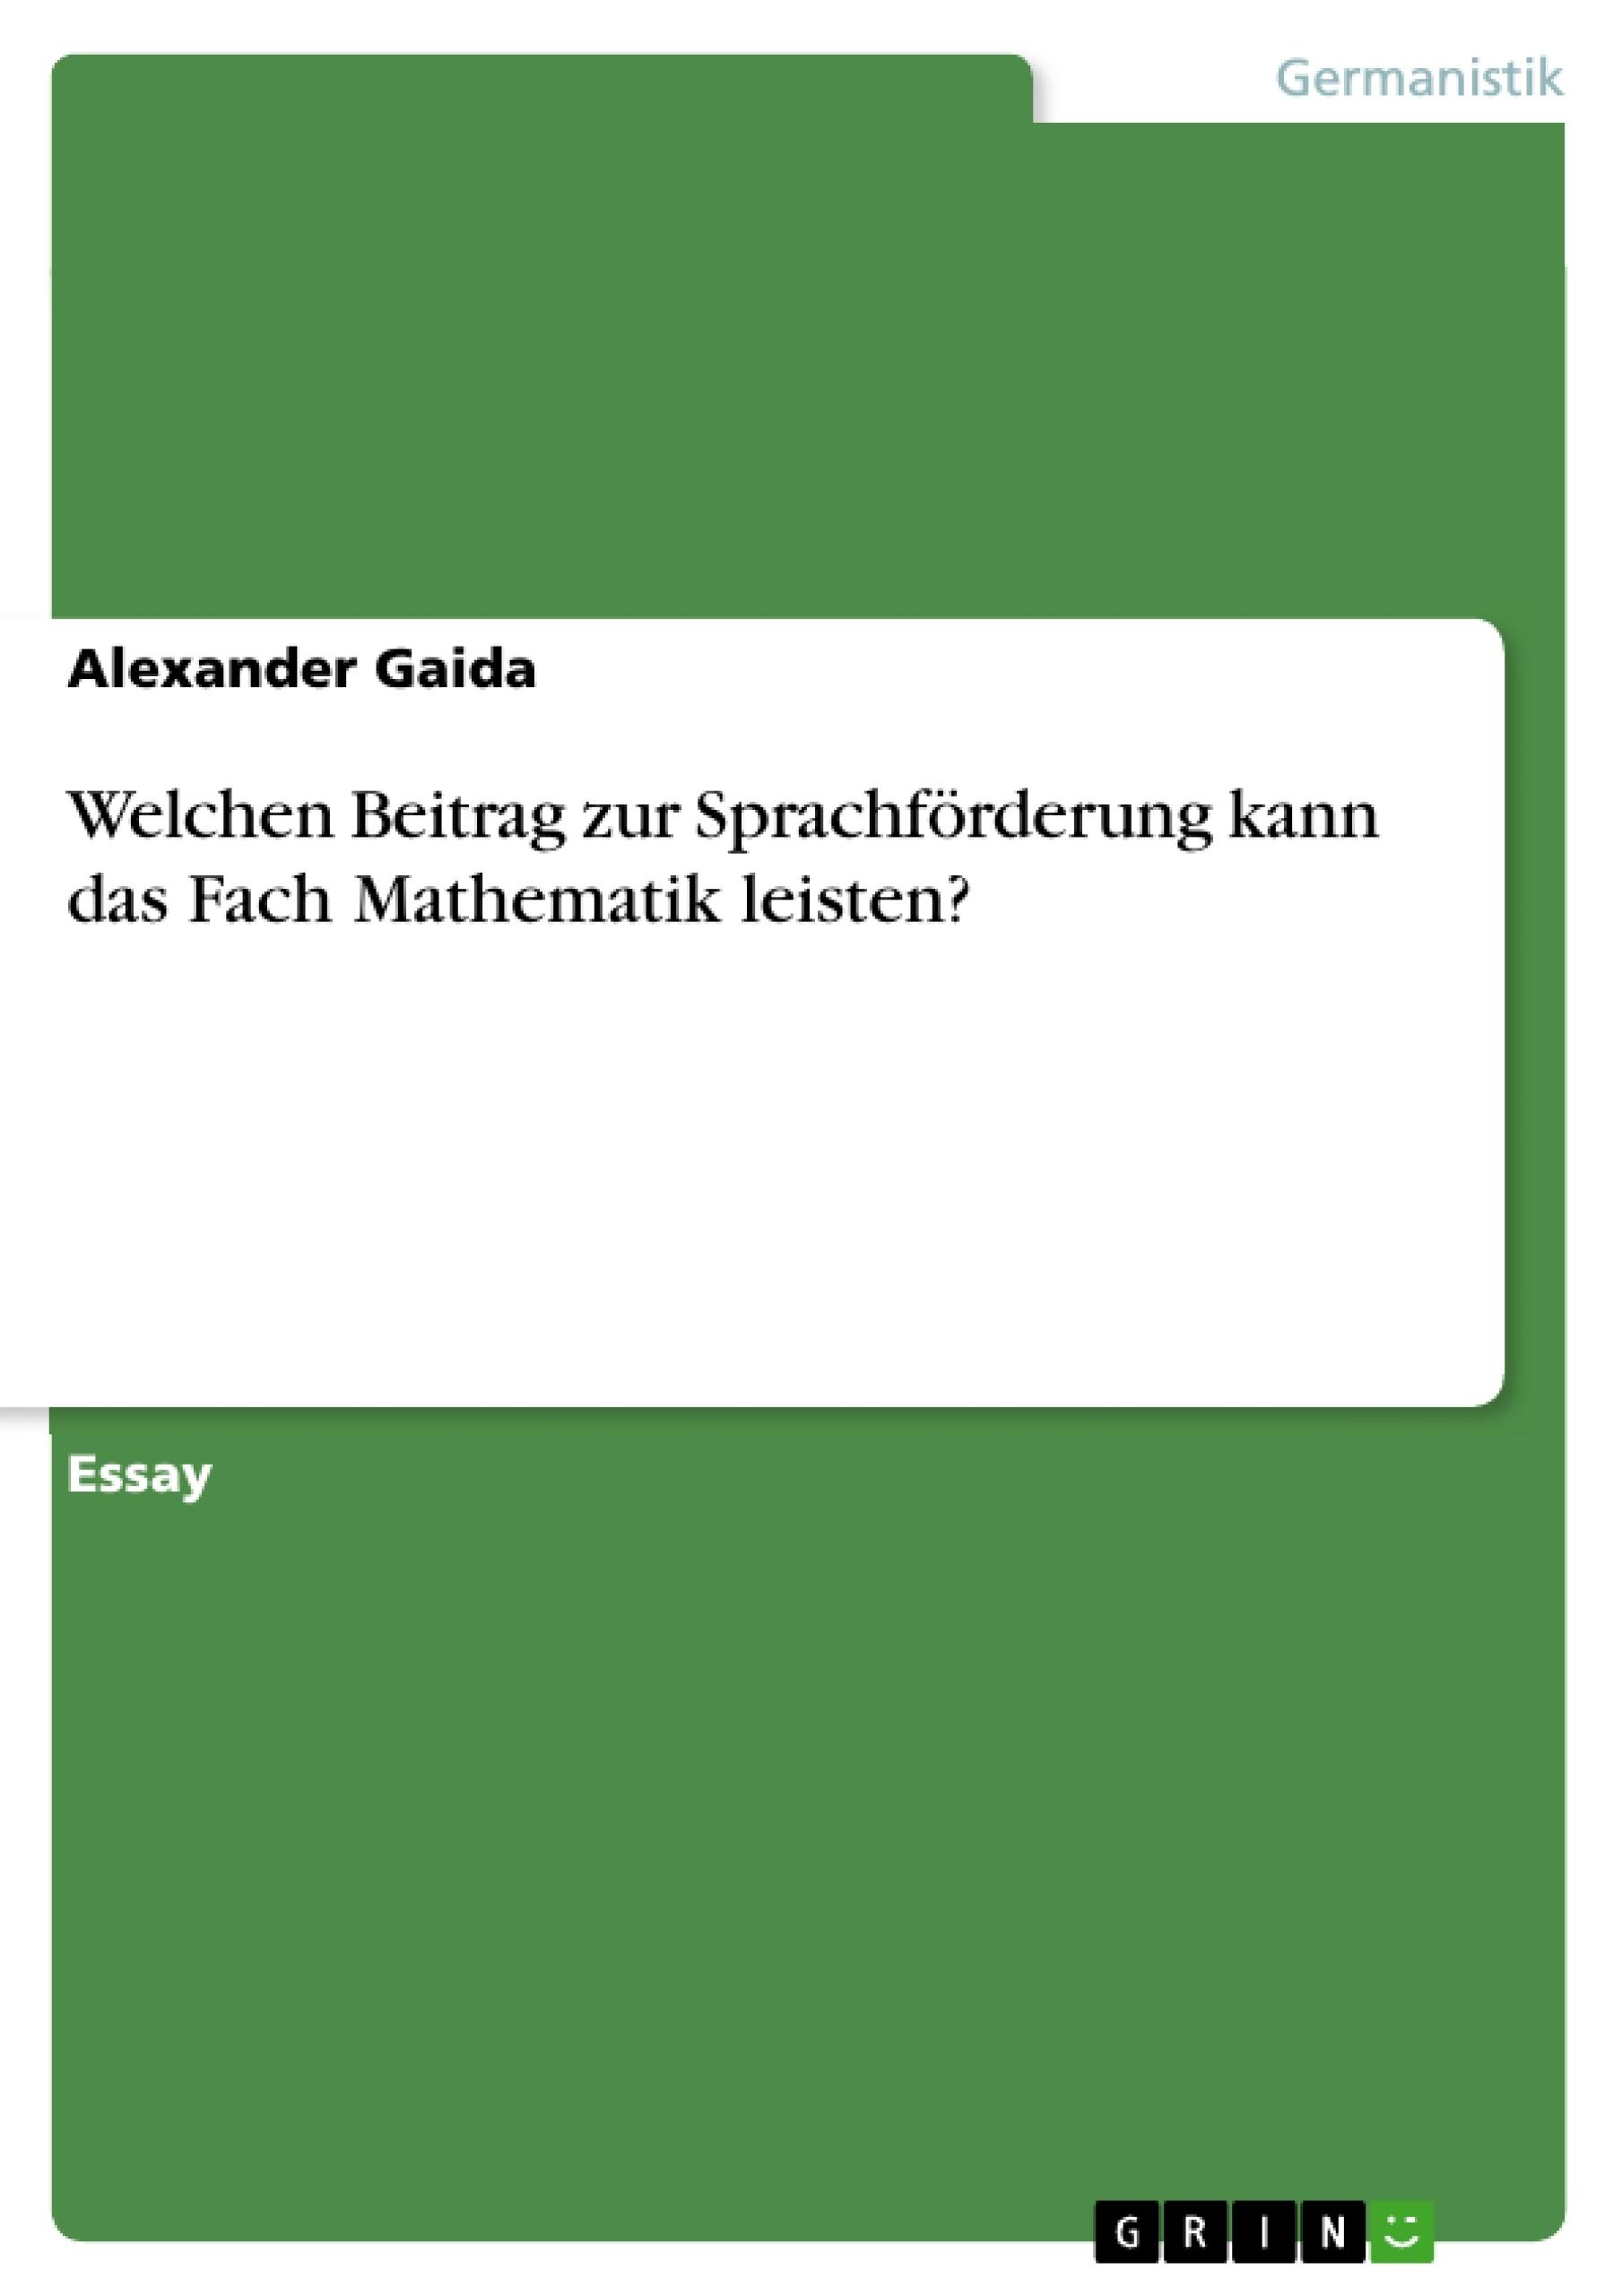 Titel: Welchen Beitrag zur Sprachförderung kann das Fach Mathematik leisten?